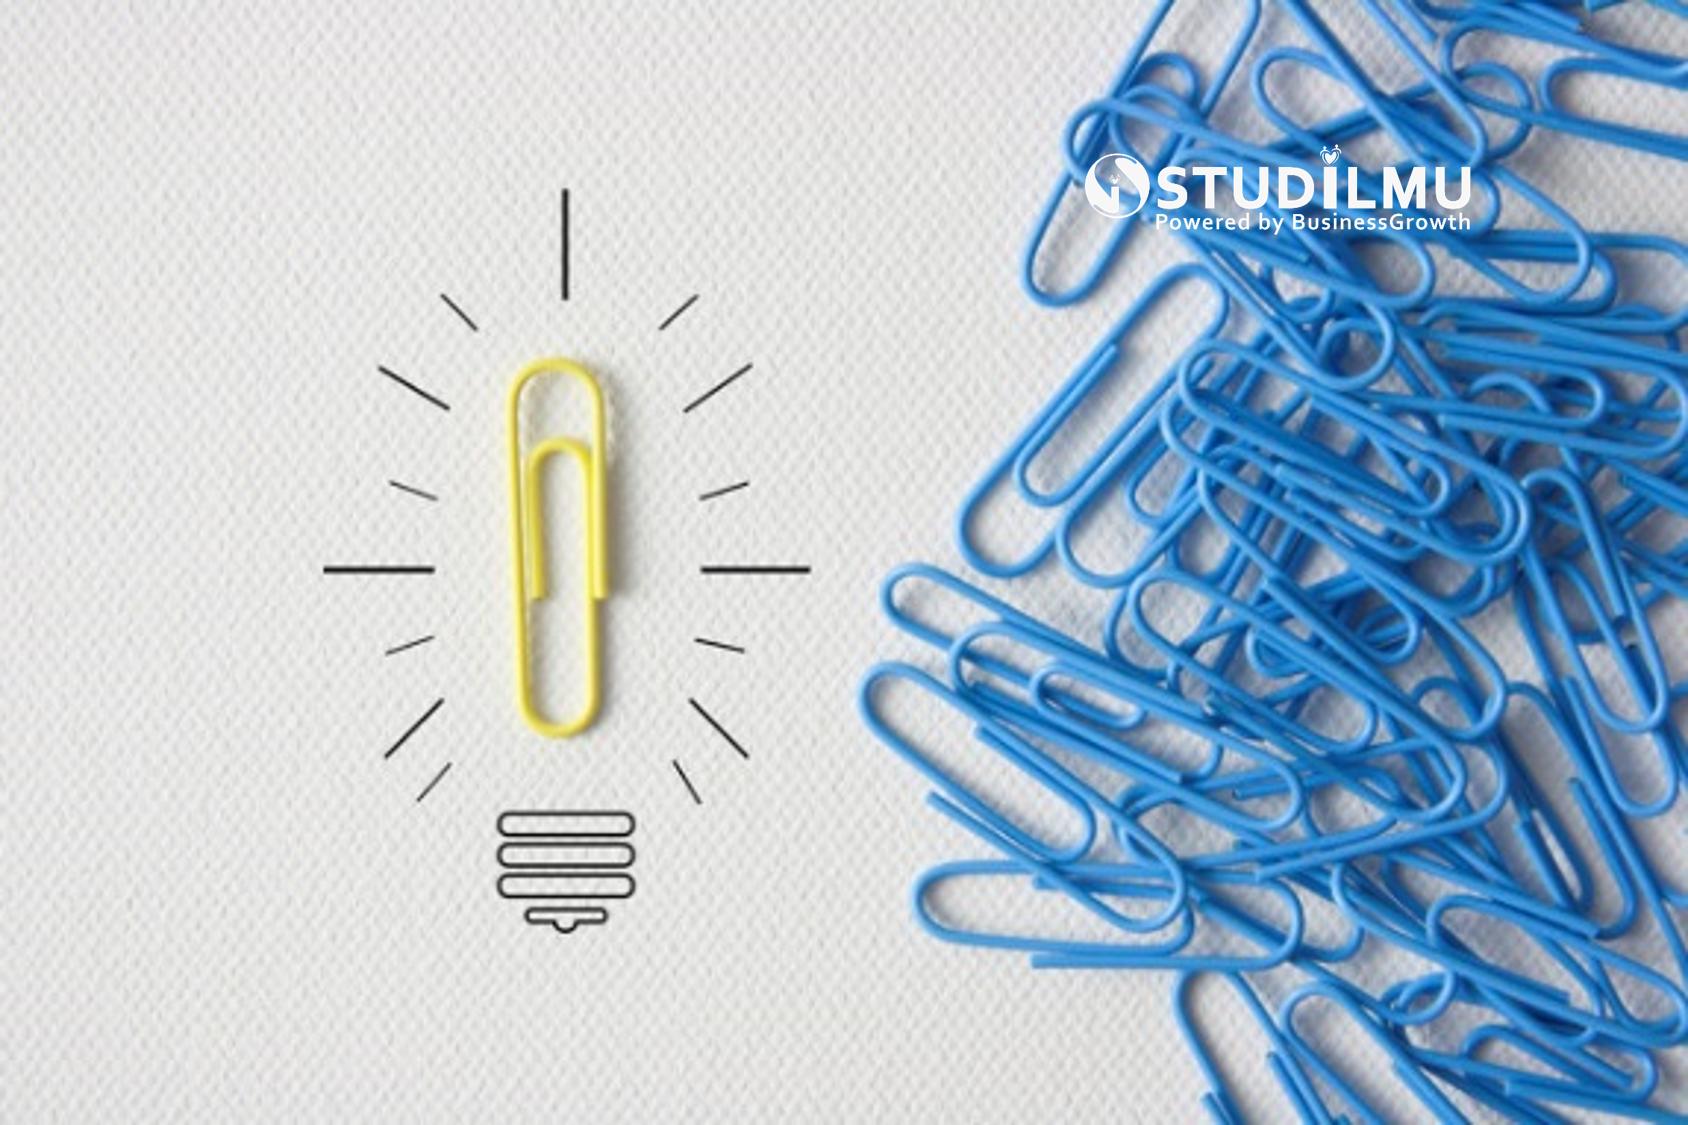 STUDILMU Career Advice - 6 Cara Mengatur Ulang Fokus Kerja dan Kreativitas